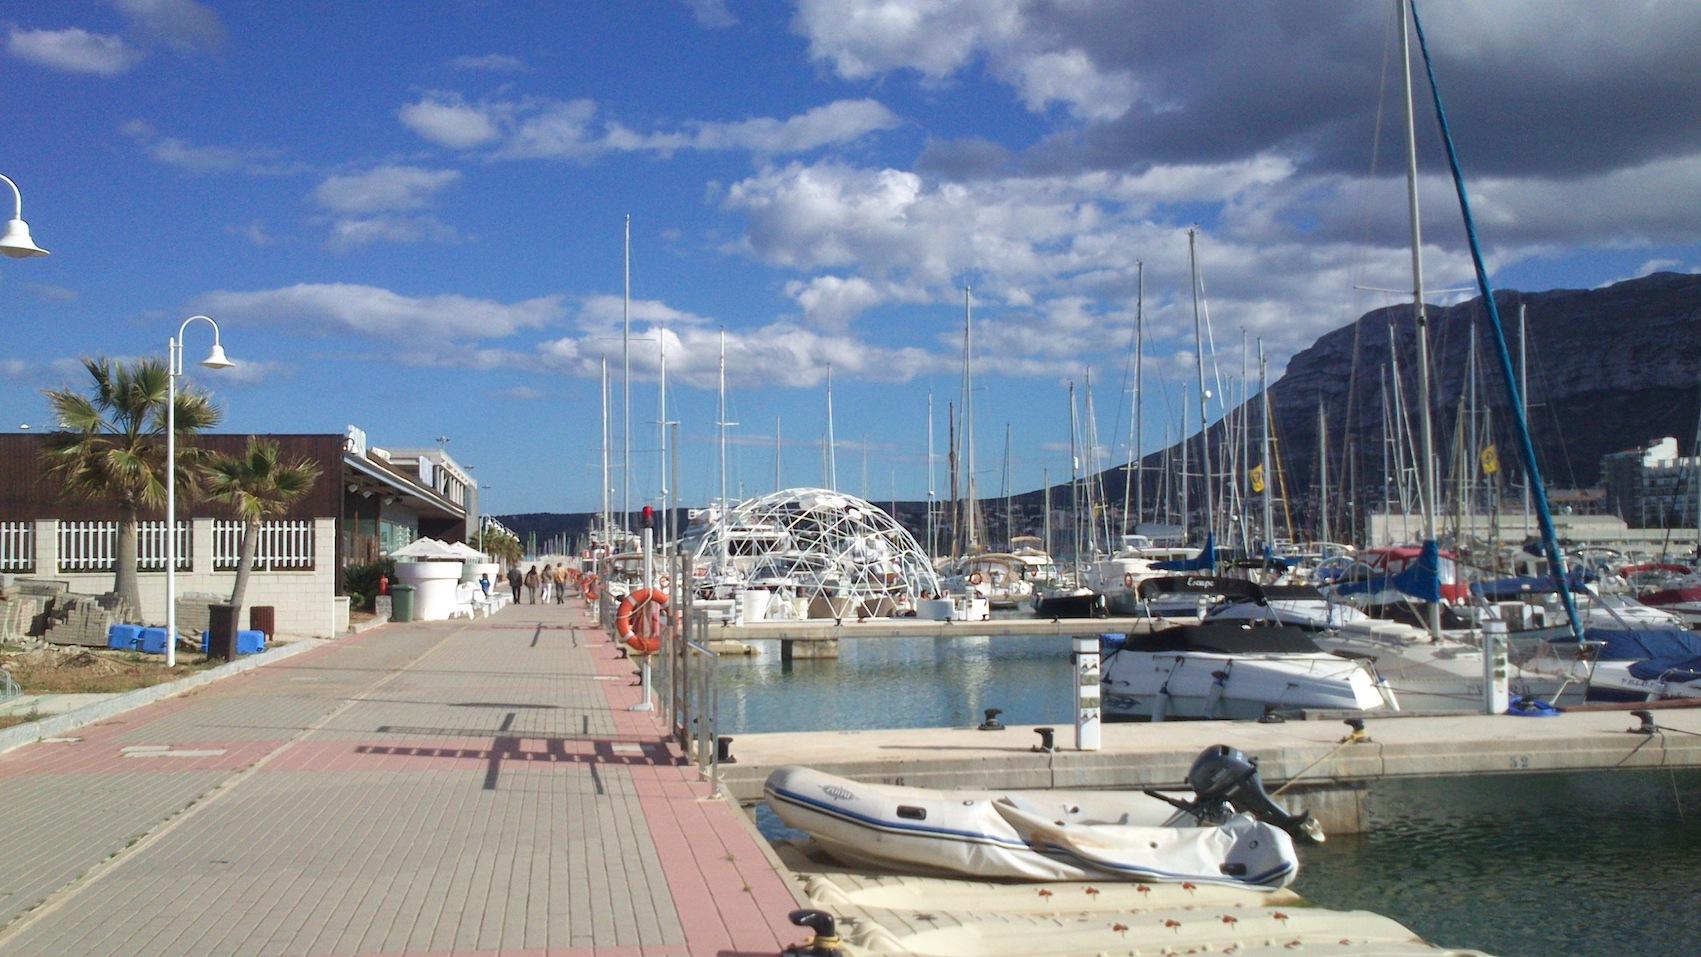 El Portet cifra en 23 millones su inversión en el puerto de Dénia para construir 4 pantalanes y un centro de ocio